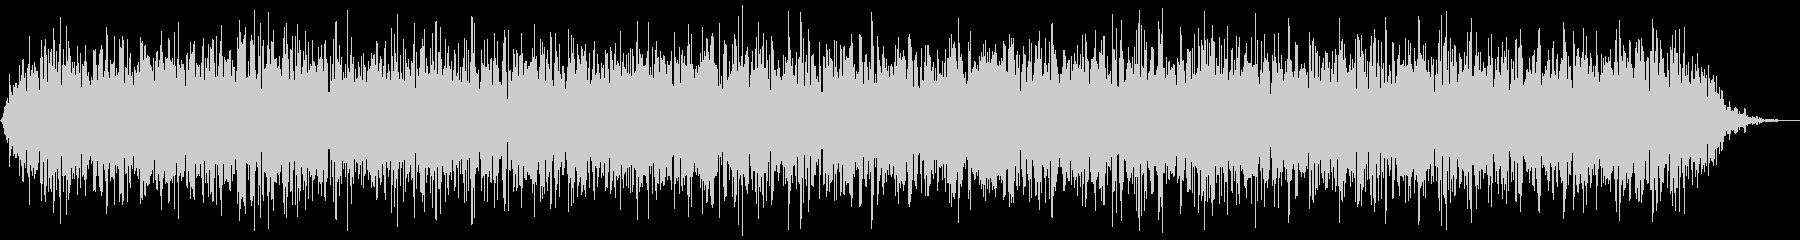 【アンビエント】ドローン_02 実験音の未再生の波形